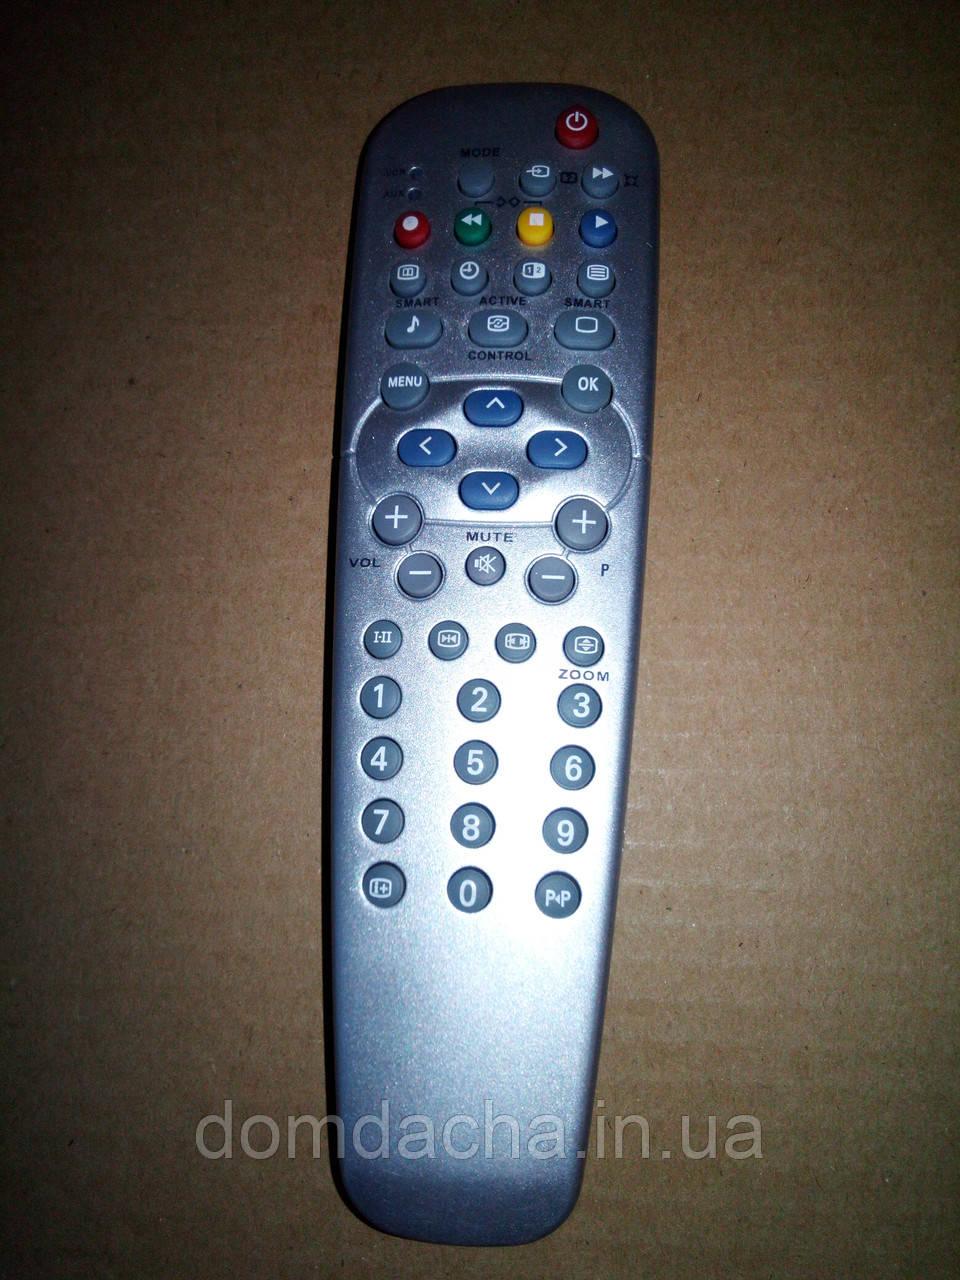 Пульт для телевізора Philips RC-19042003/01